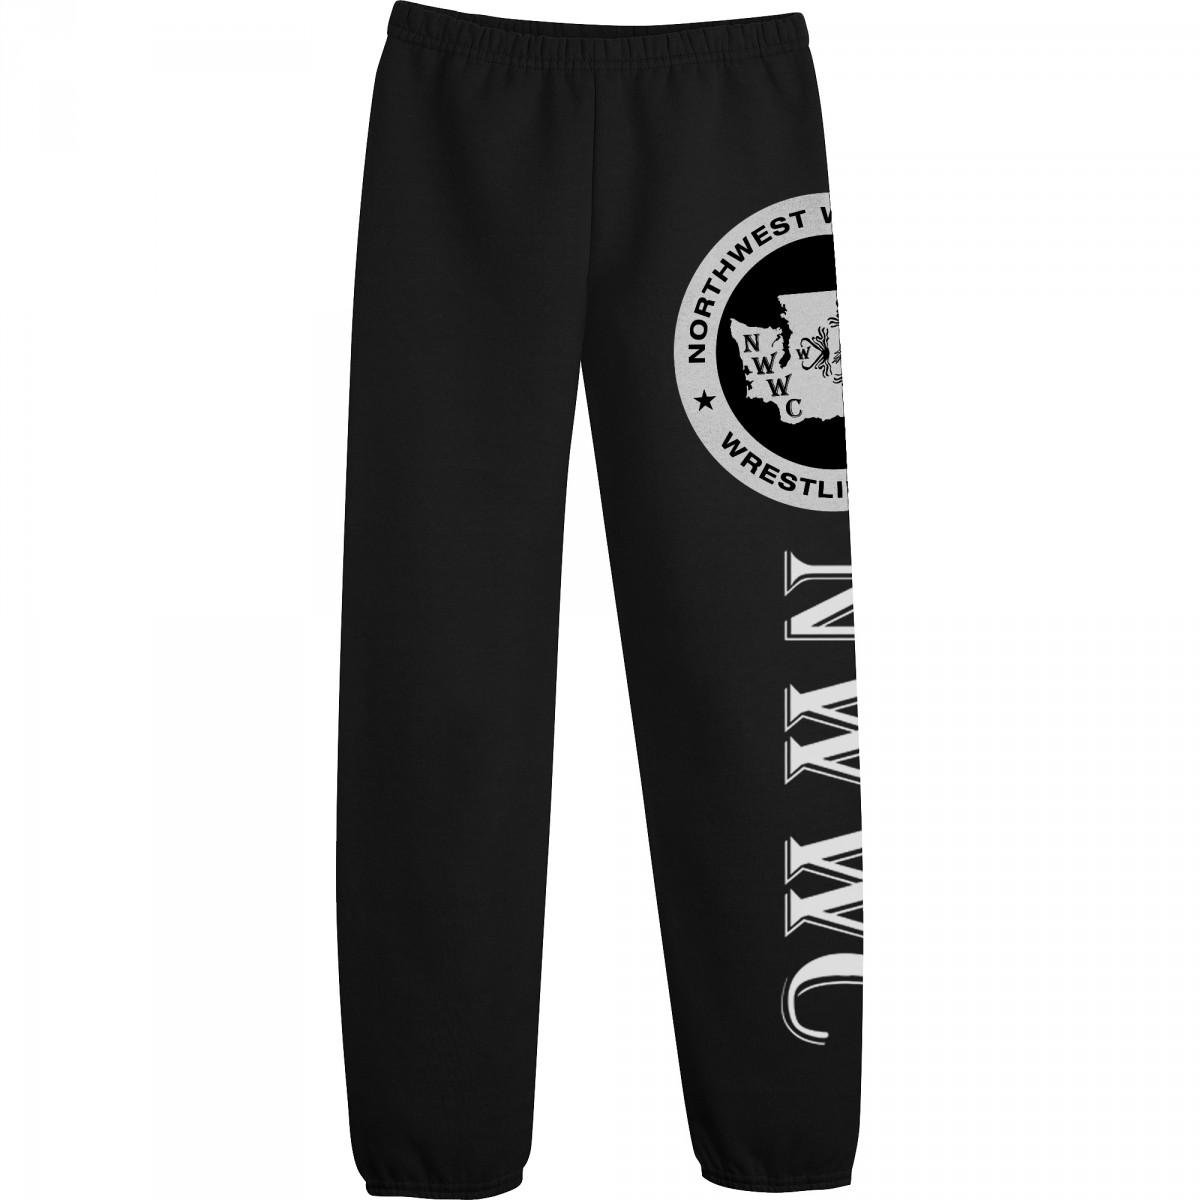 NWWC Black Sweatpants White Logo-Black-M